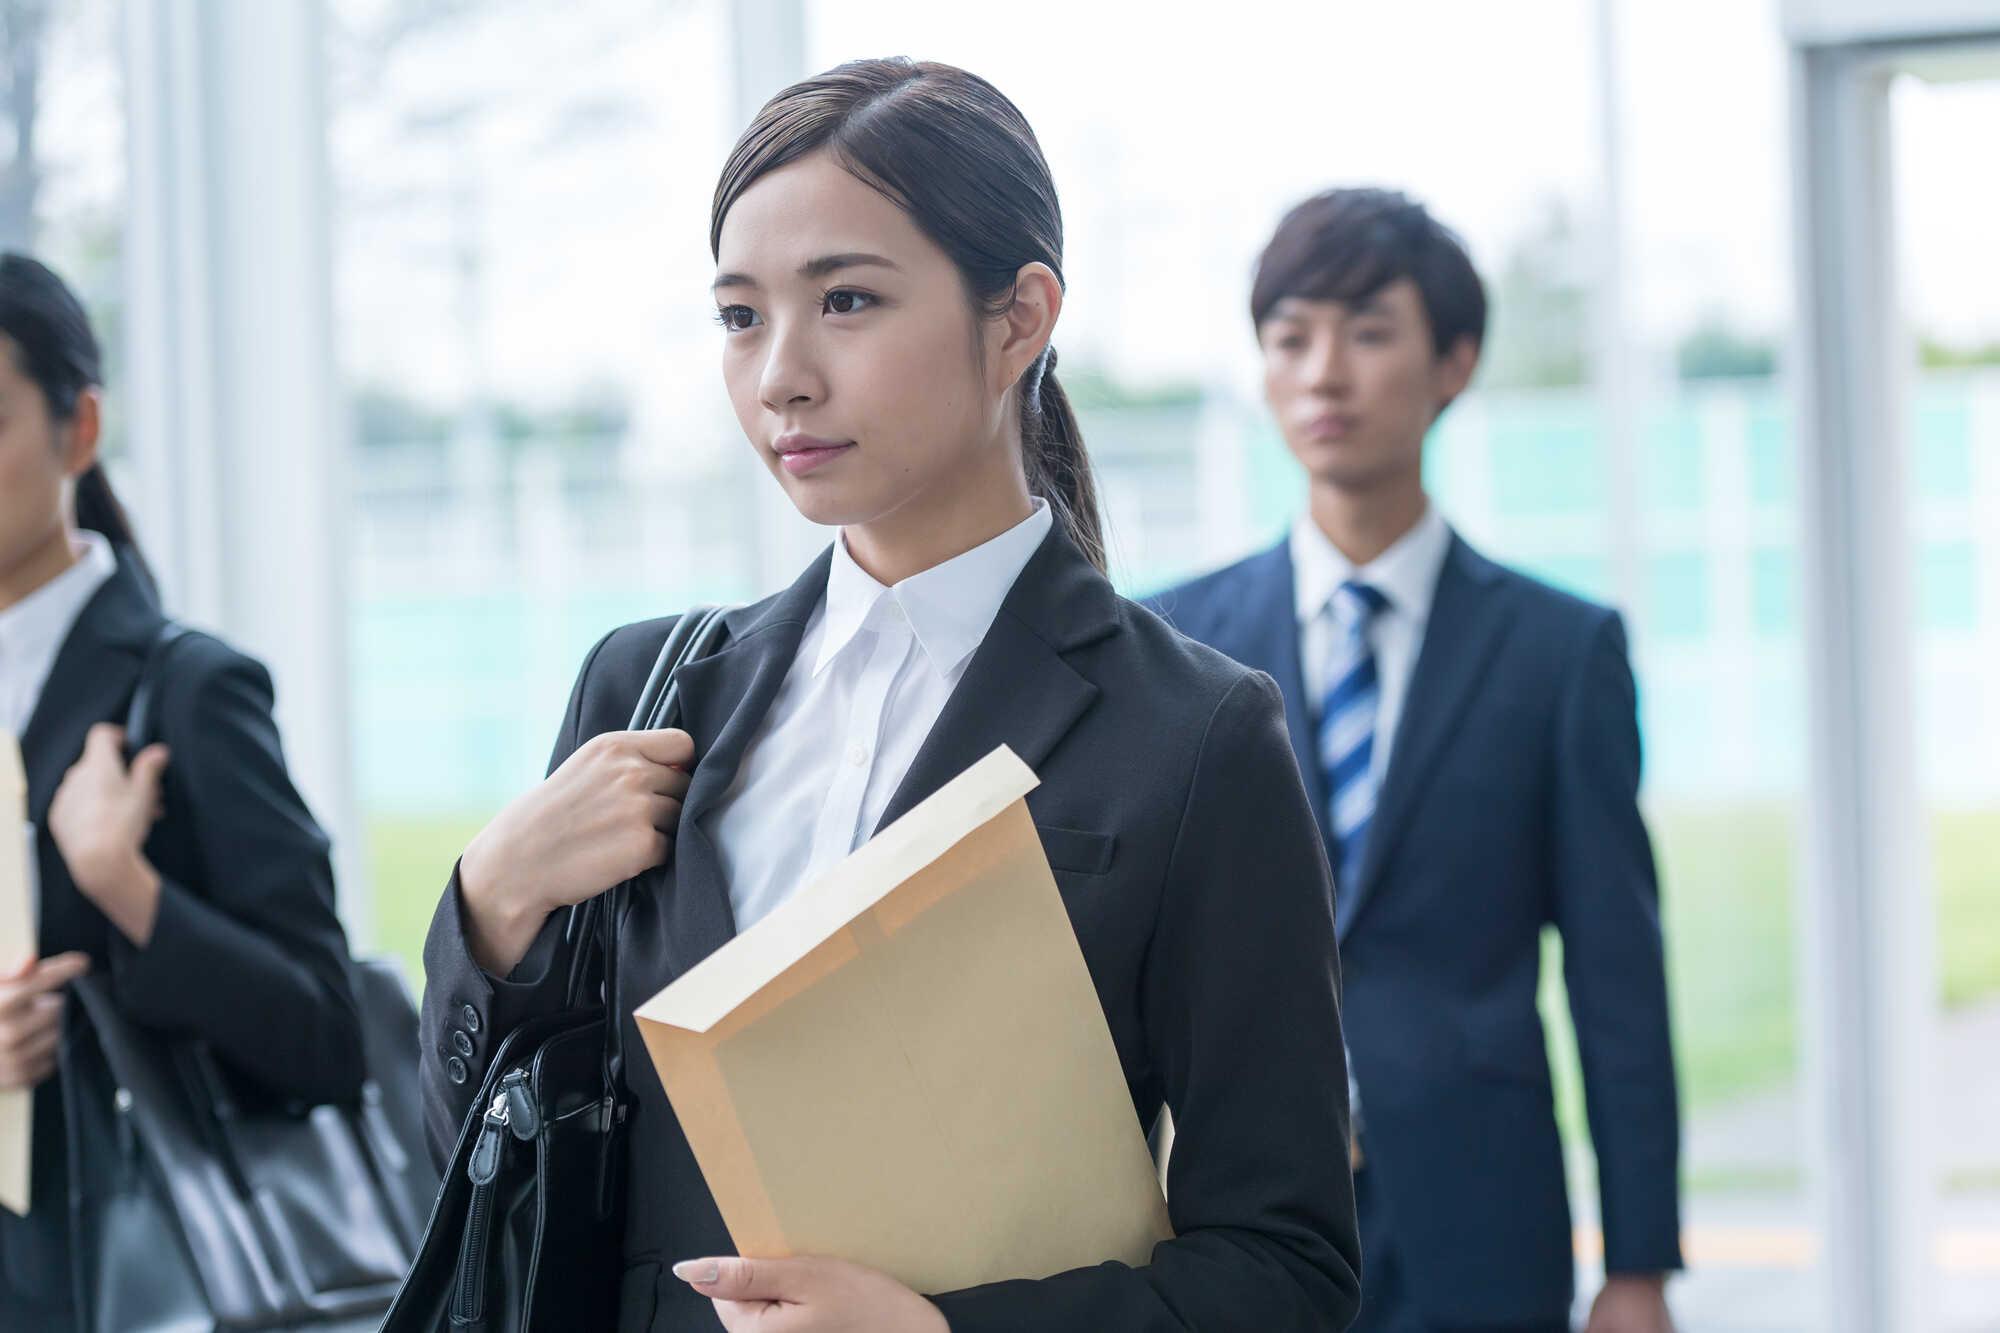 書類を入れた封筒をわきに抱えたリクルートスーツ姿の女性